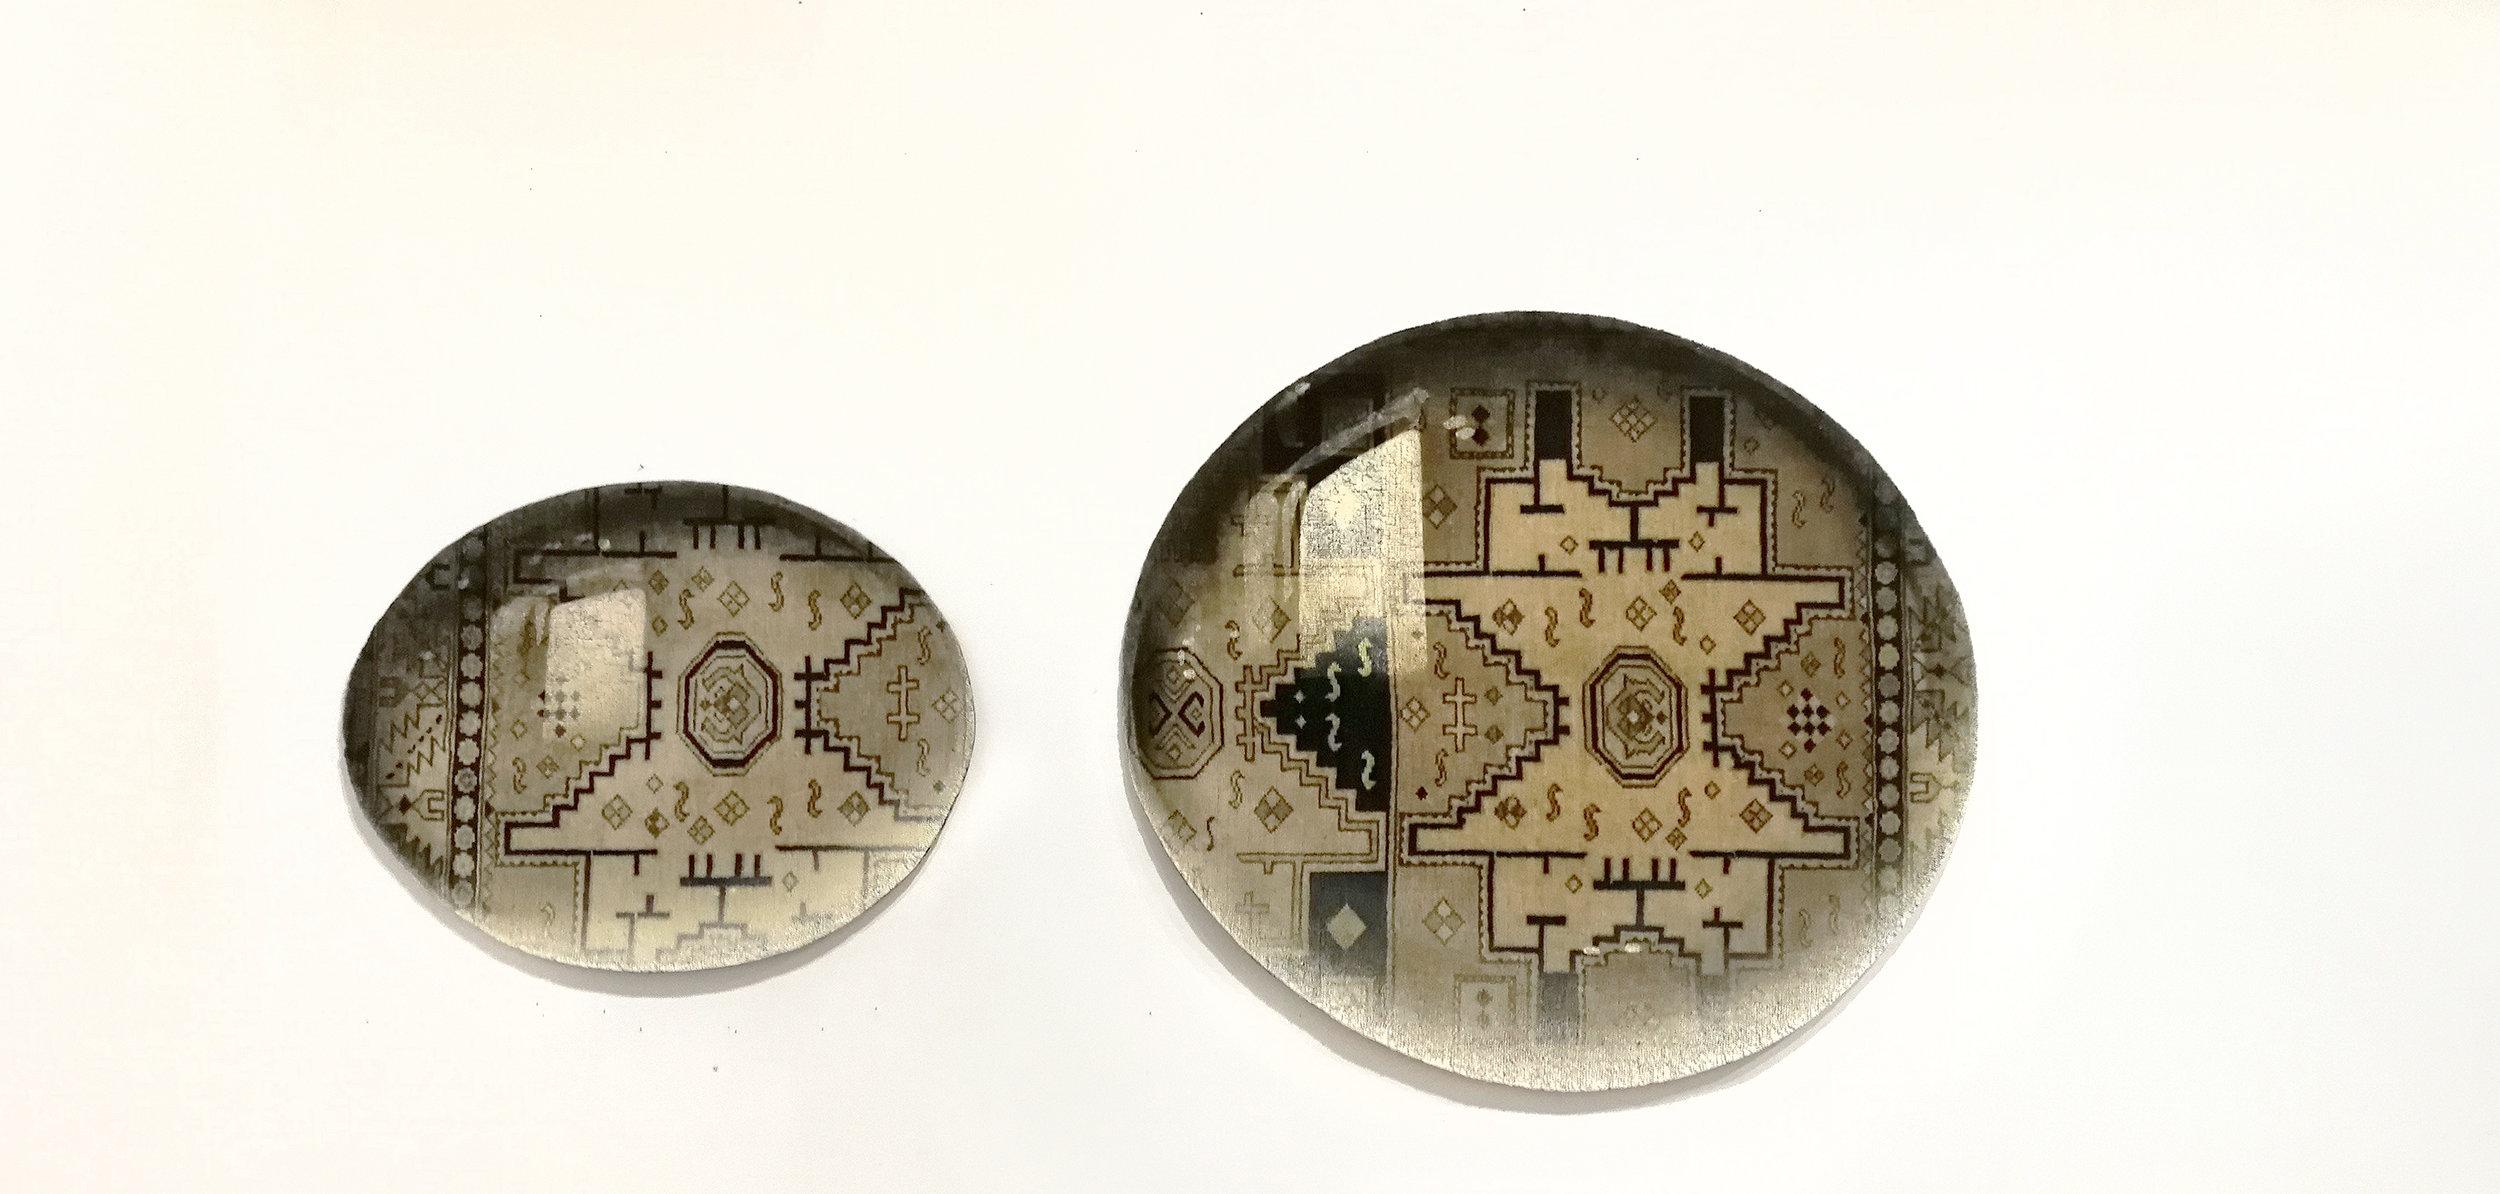 Two-Waterdrops_Tapestry-noemi-kiss-artwork-overpainted-and-cut-out-repurposed-oriental-rug-marion-friedmann-gallery.jpg